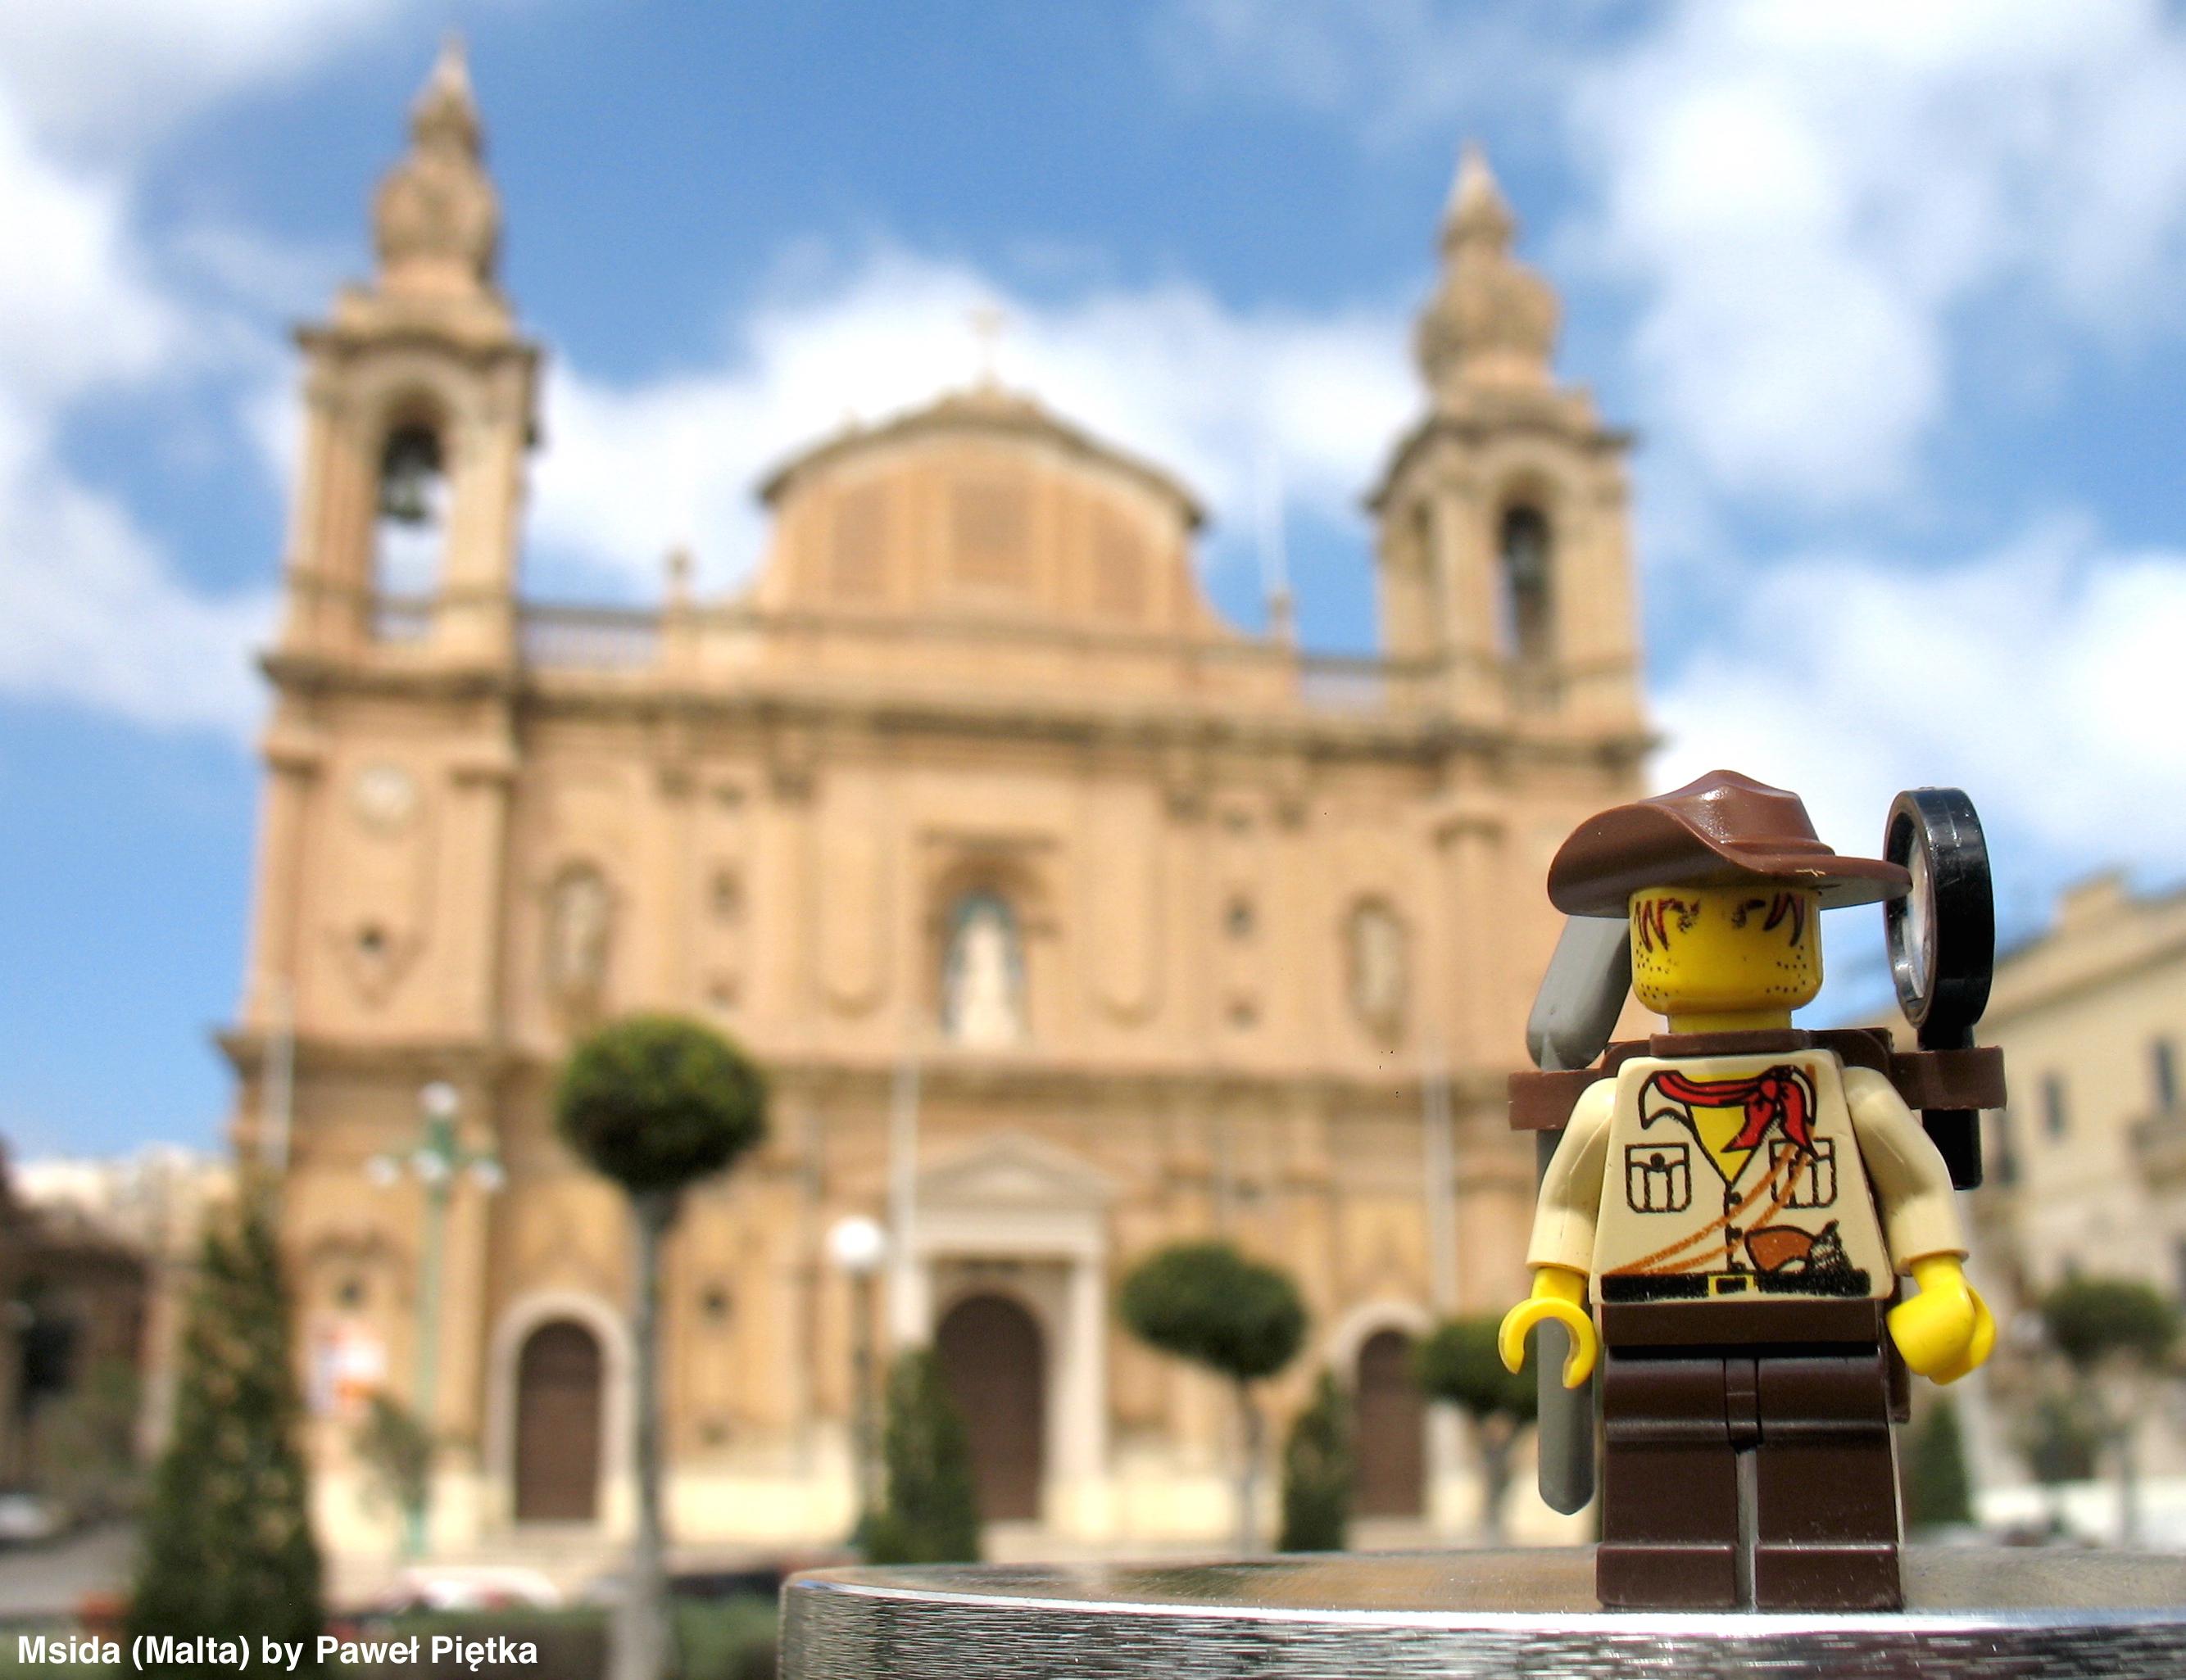 Msida (Malta) - Church of Sultana tal-Paci